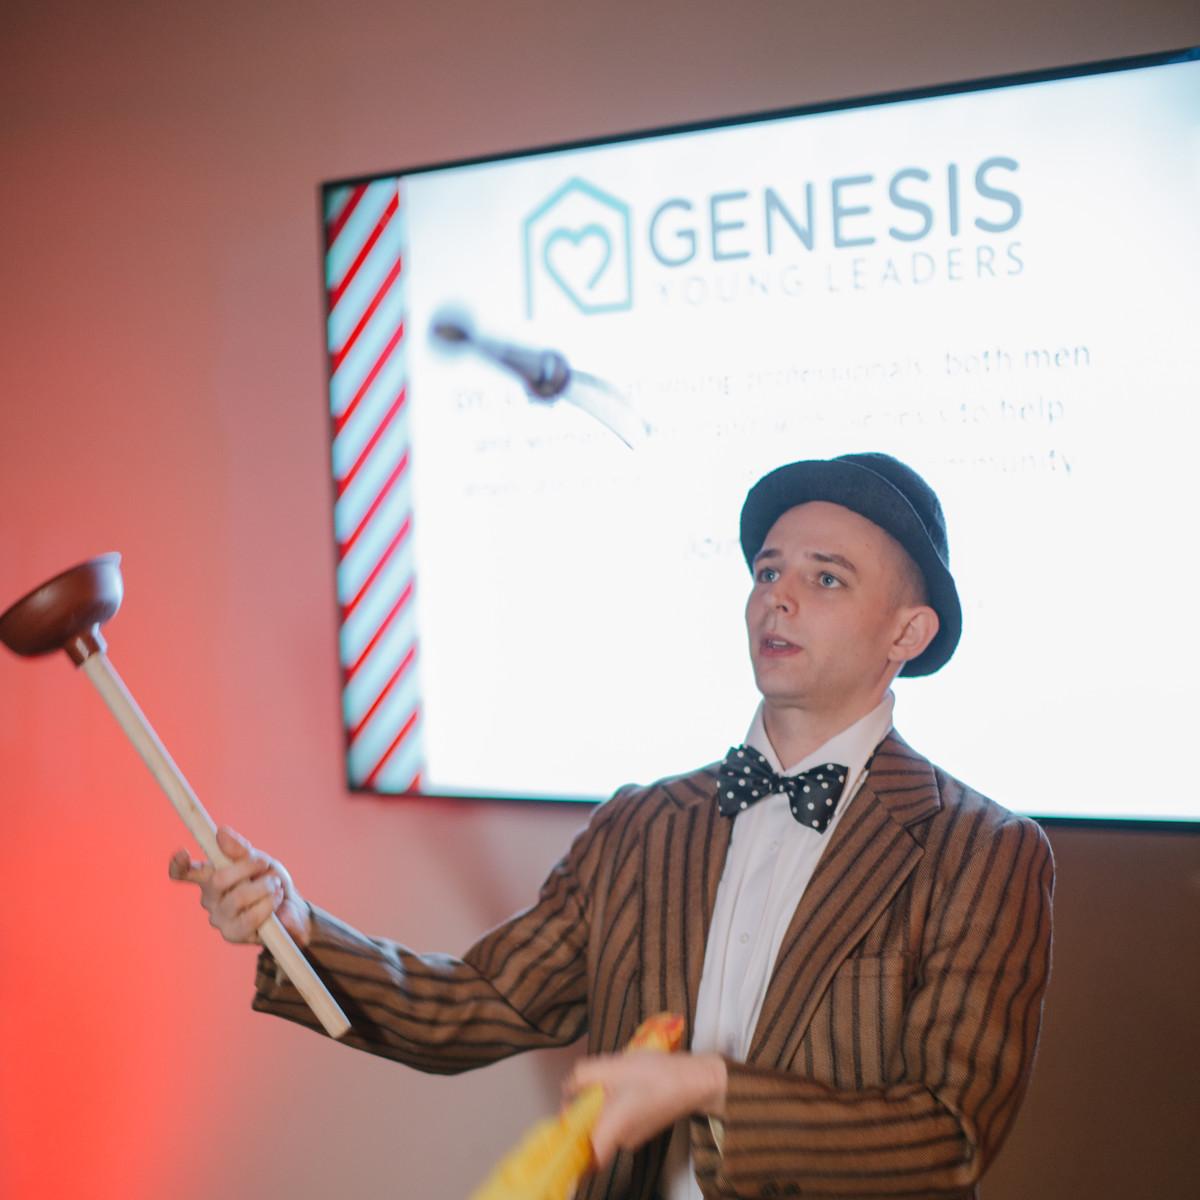 Genesis Masquerade 2019